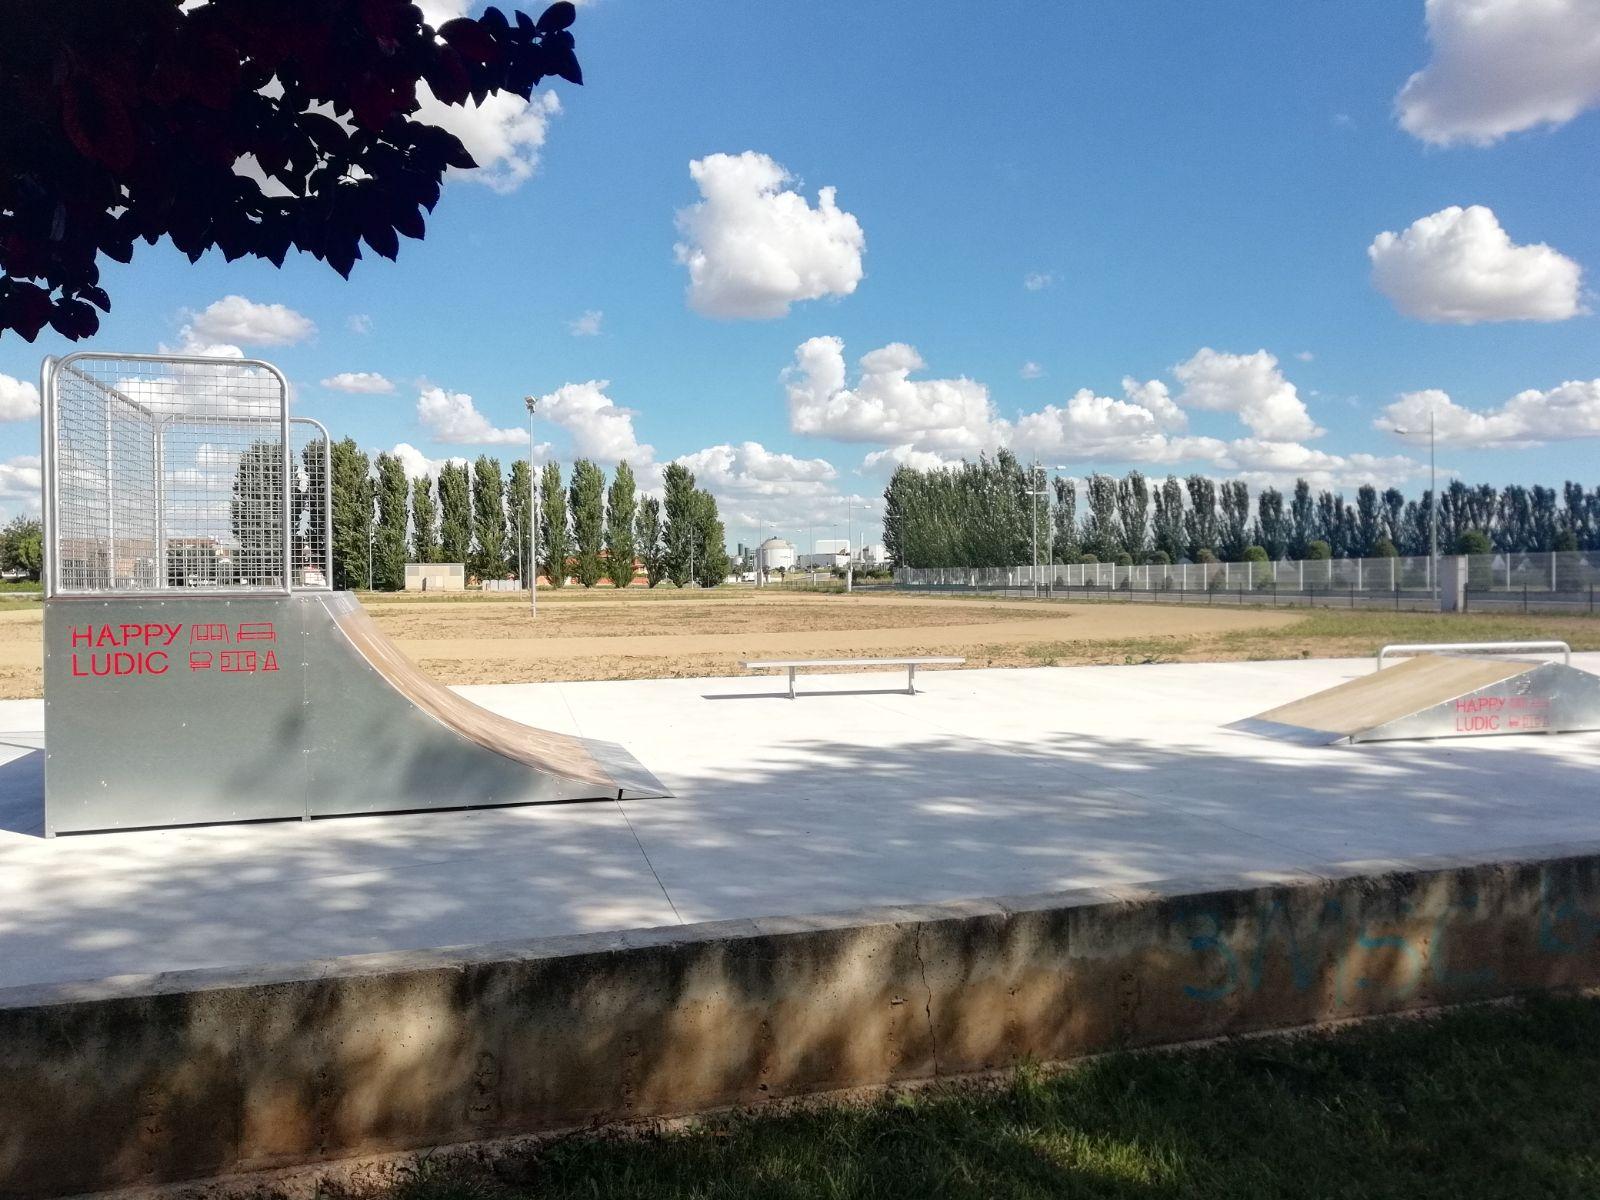 ParcSalut1 (1)